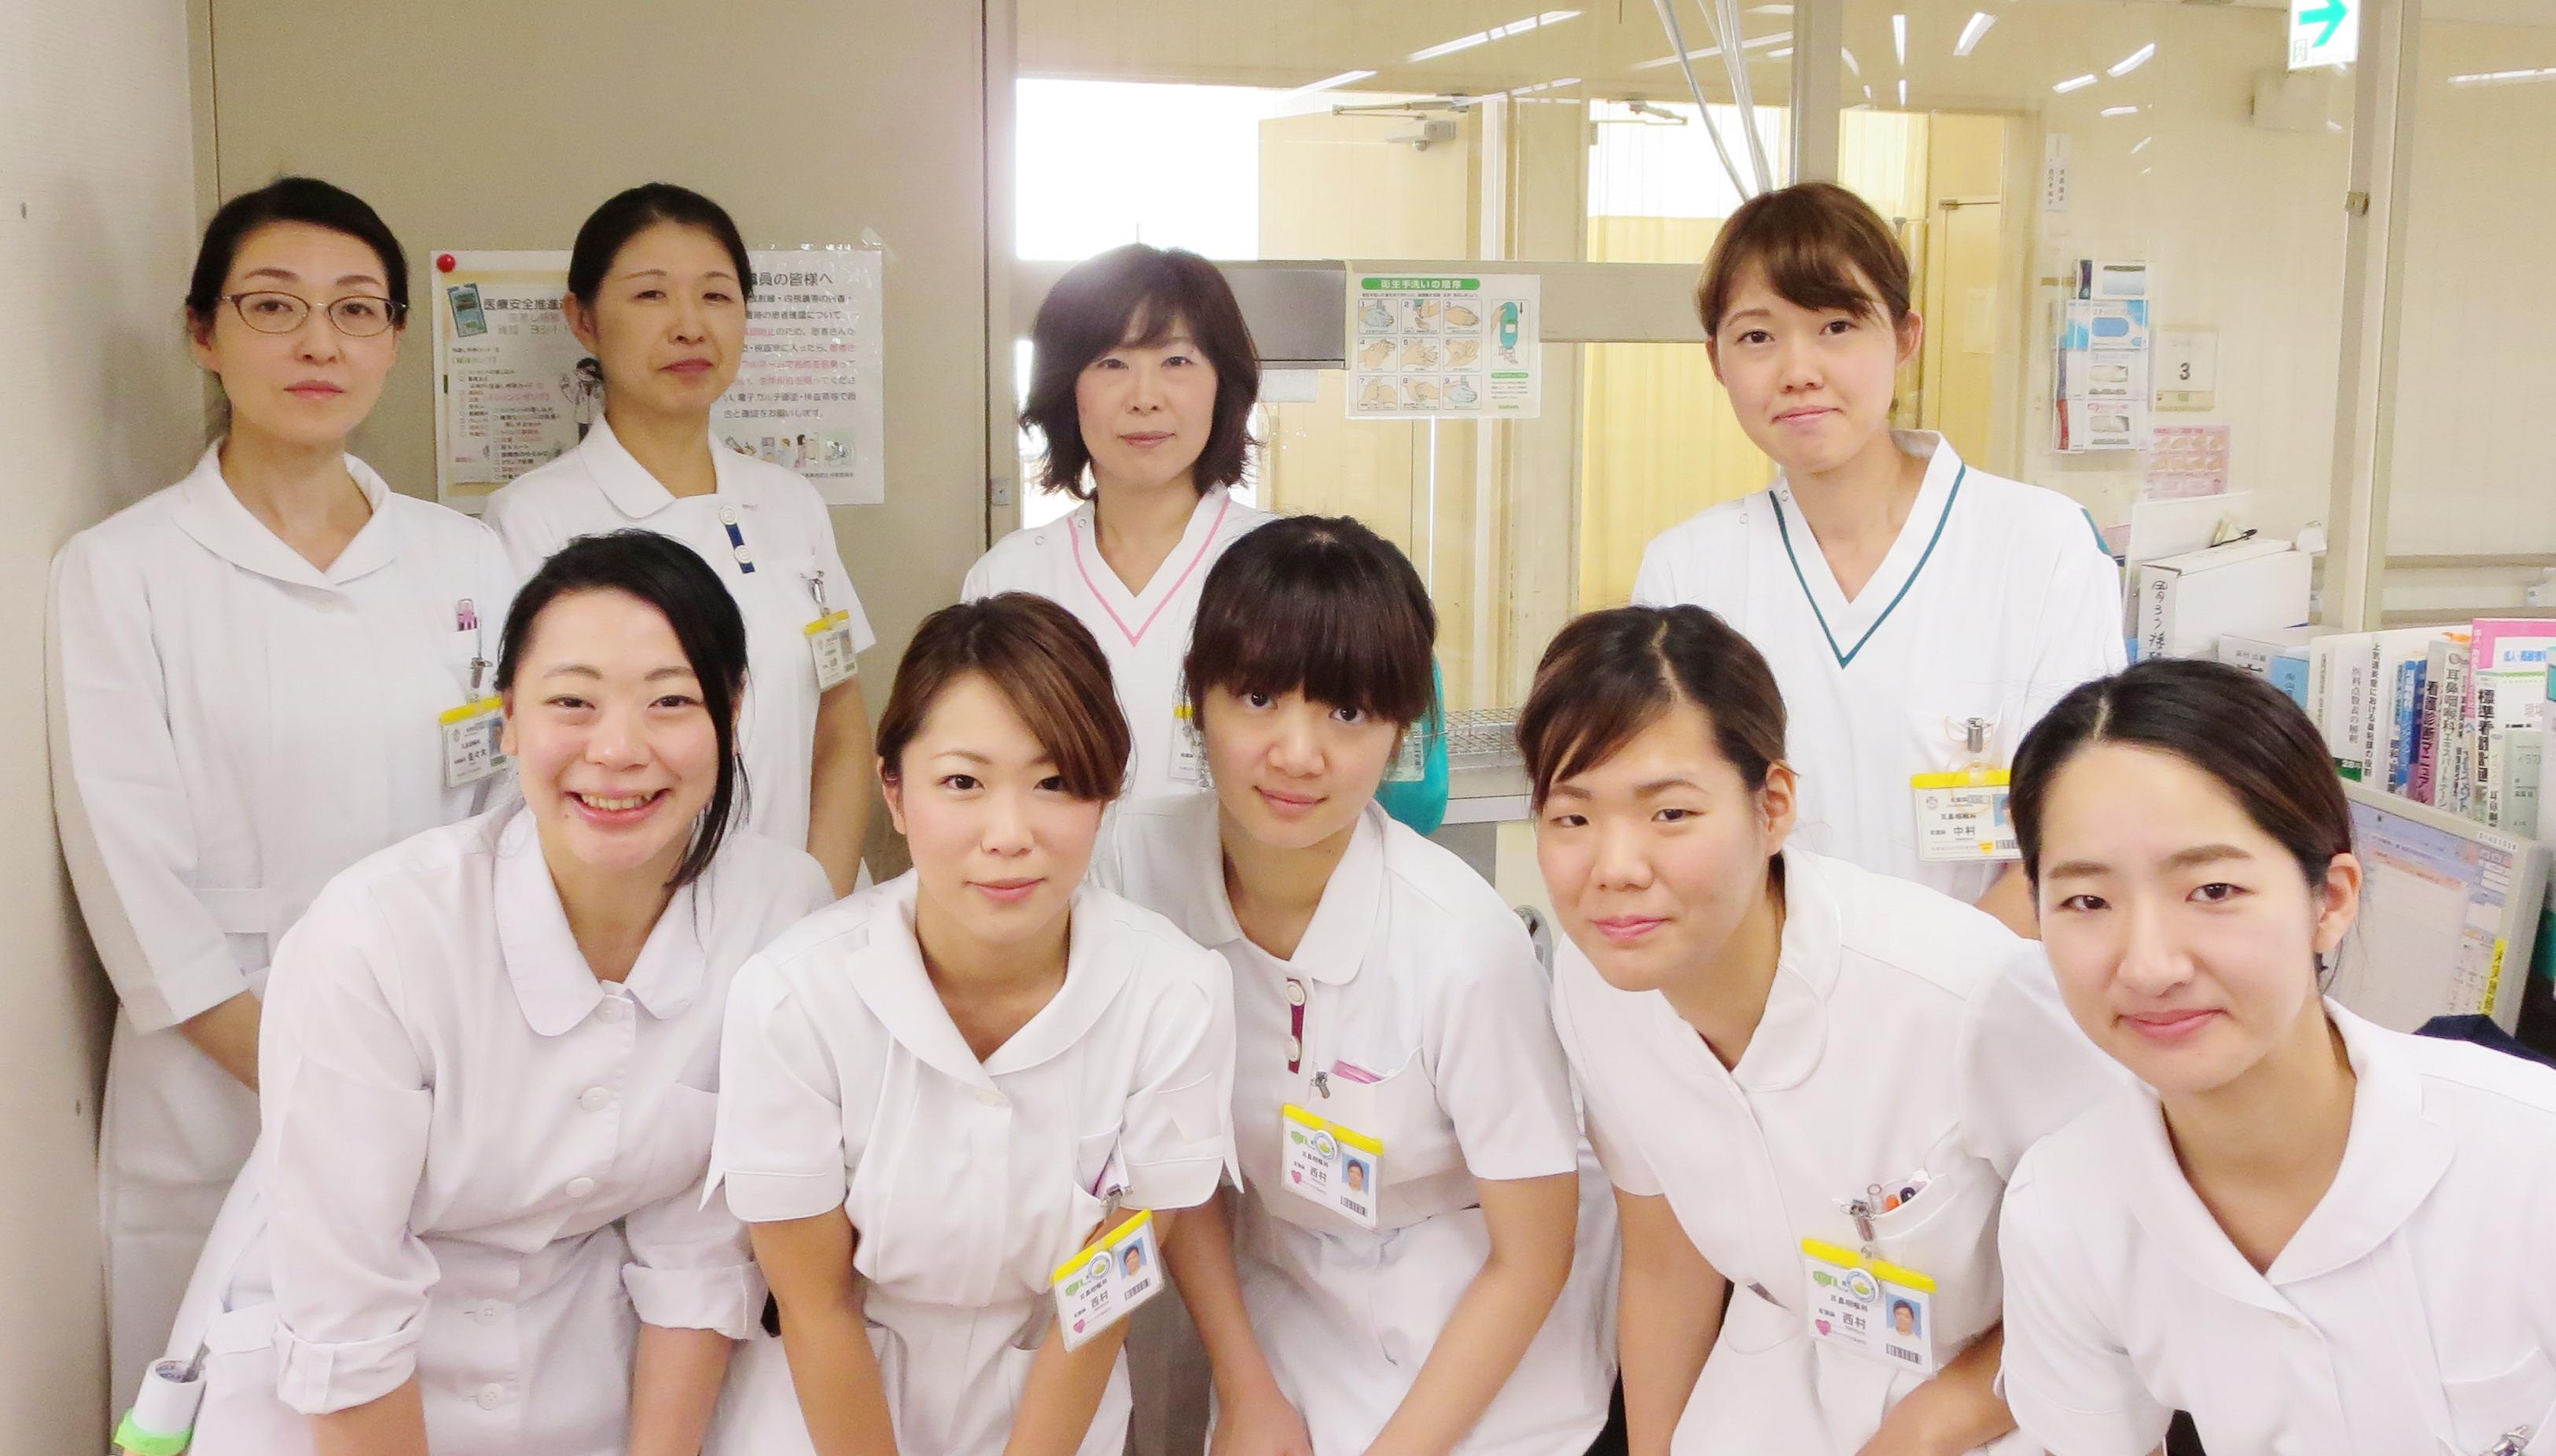 耳鼻咽喉科看護室 | 札幌医科大...